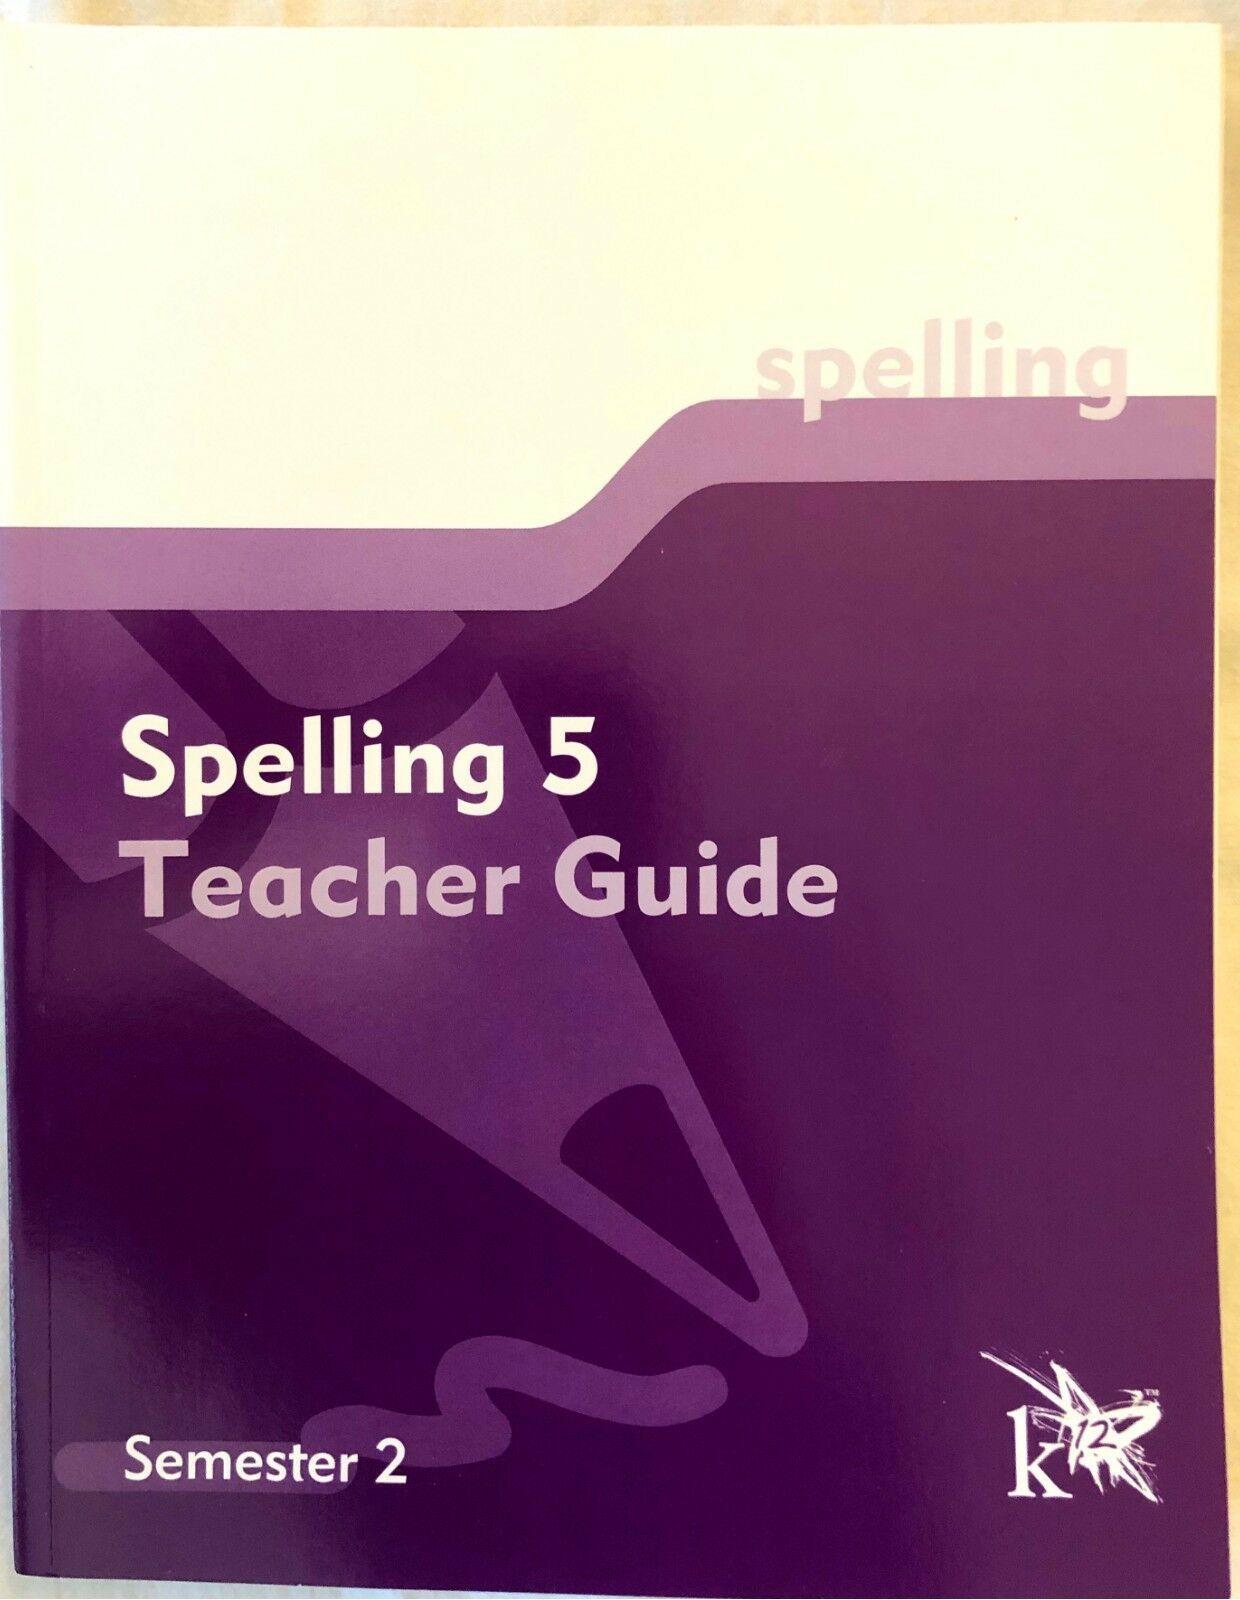 K12 Spelling 5 Teacher Guide Semester 2 5th Grade